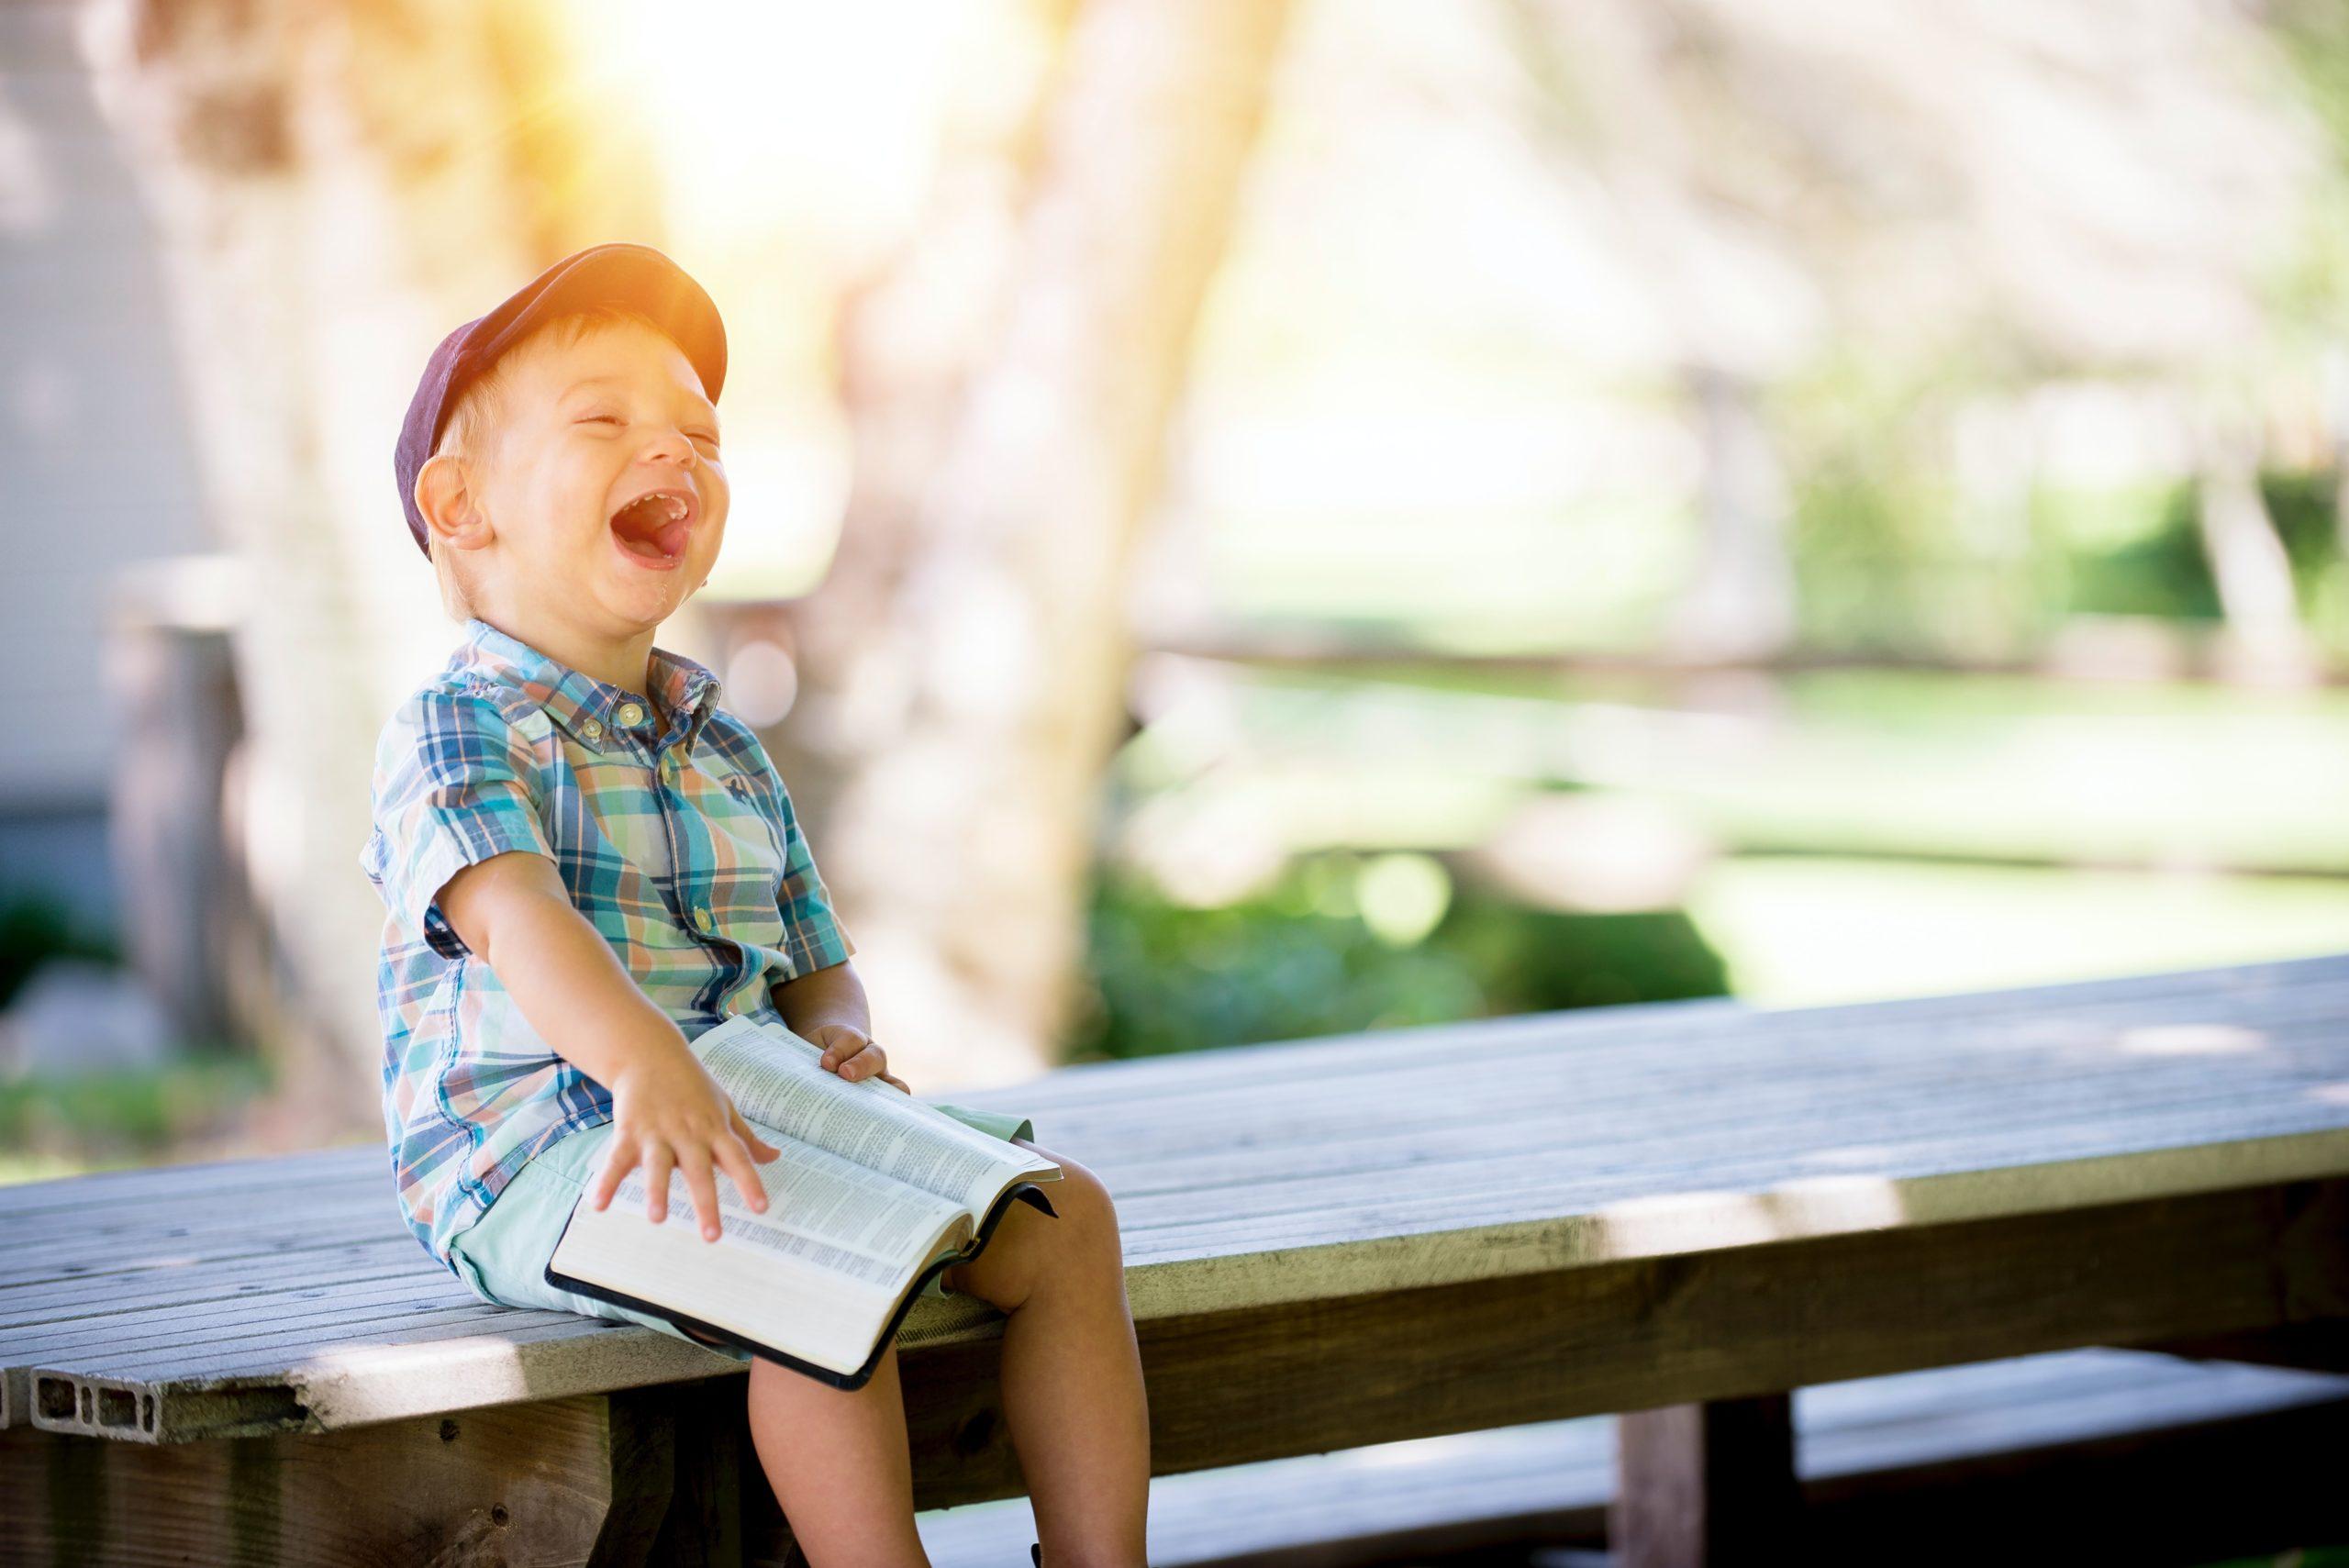 母子家庭(父子家庭)に支給される児童扶養手当とは?わかりやすく解説